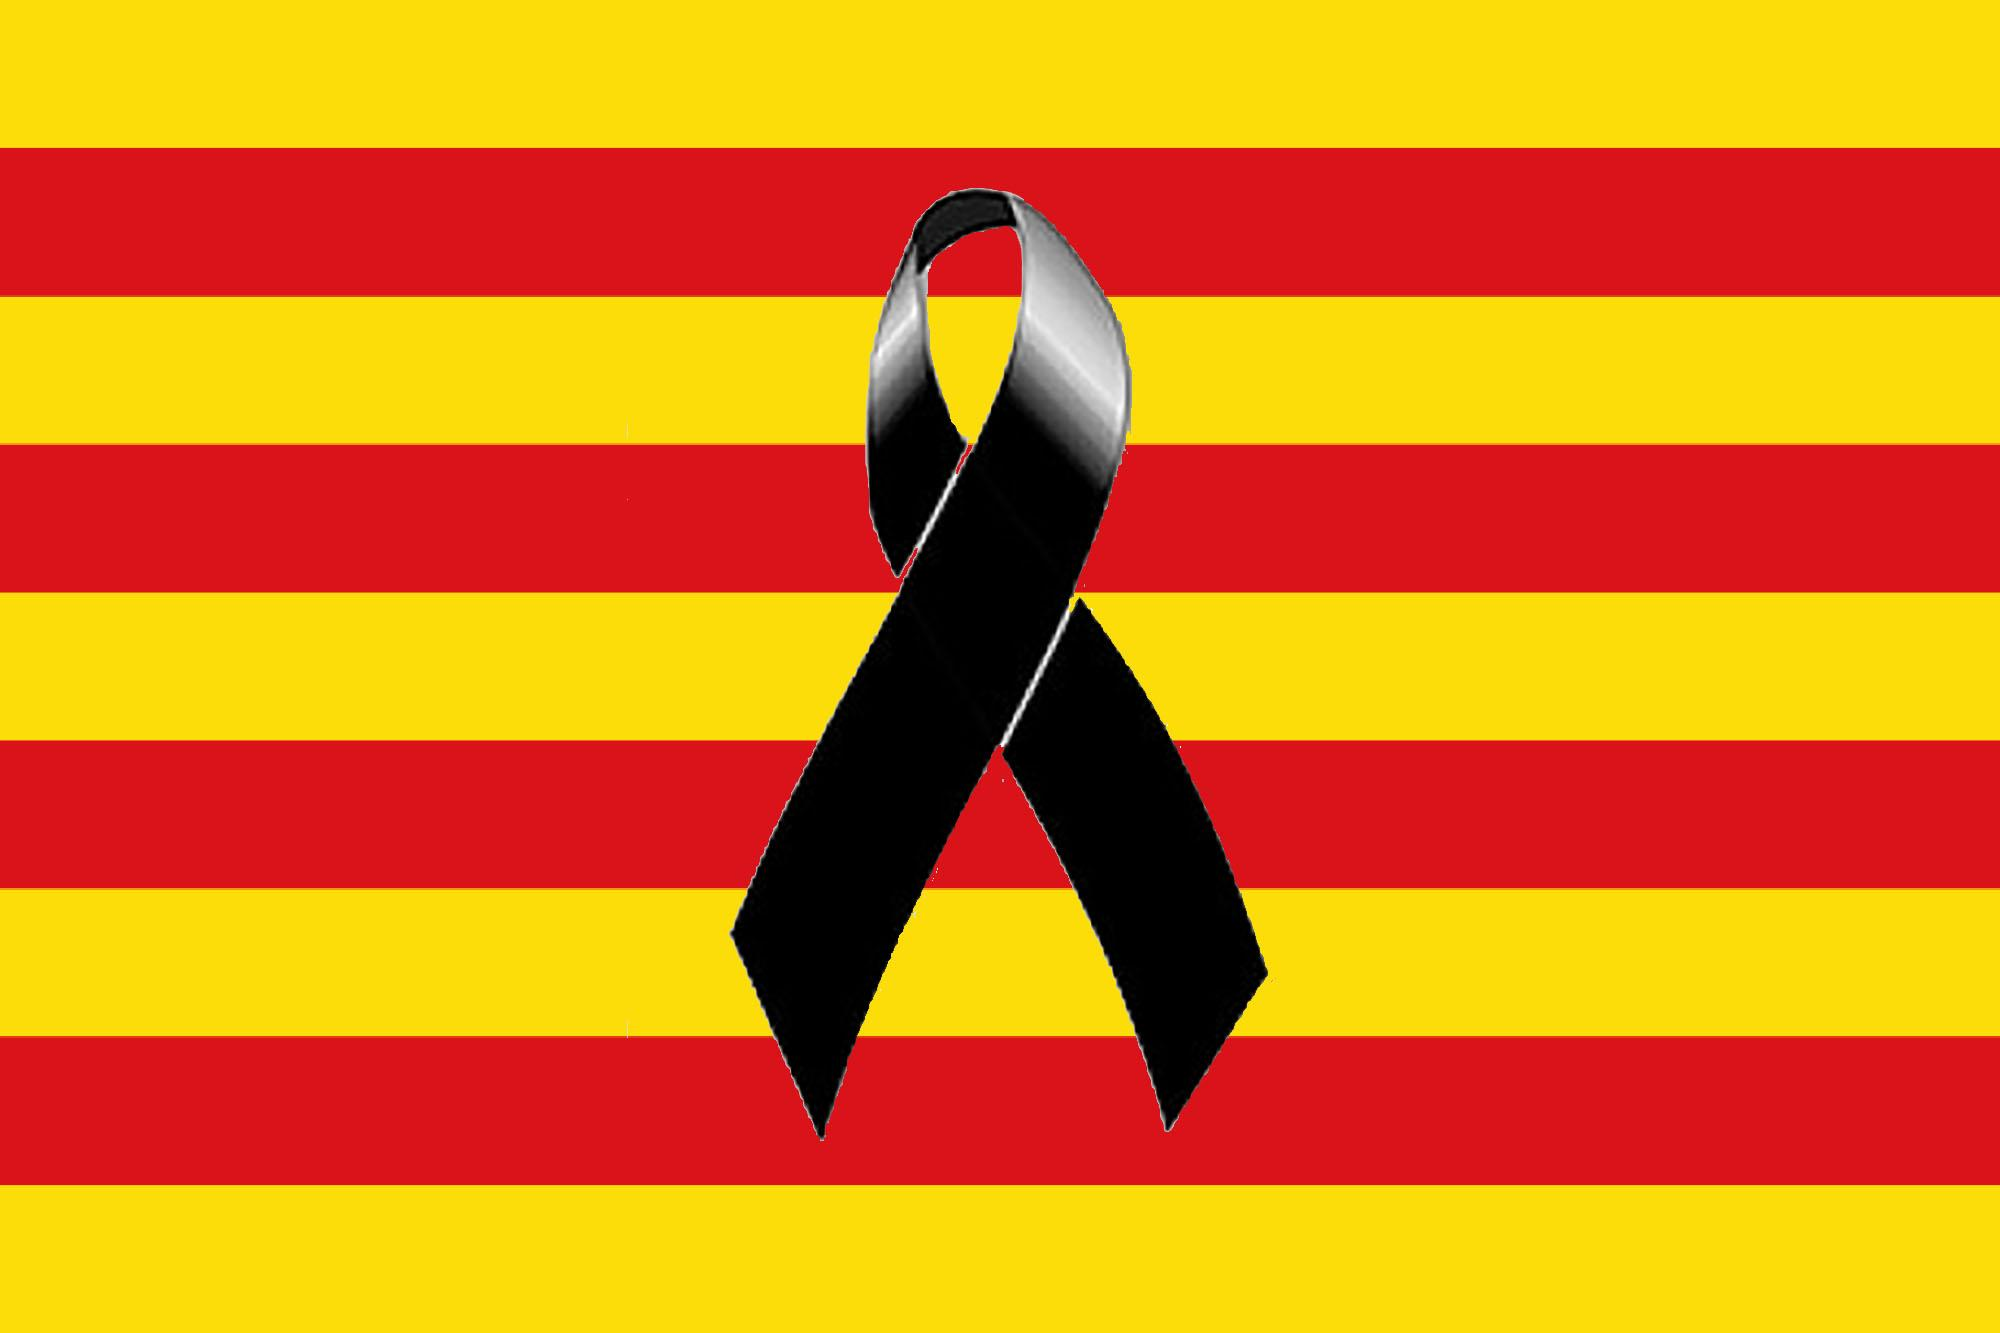 Decretat dol oficial a Catalunya fins al 5 de juny